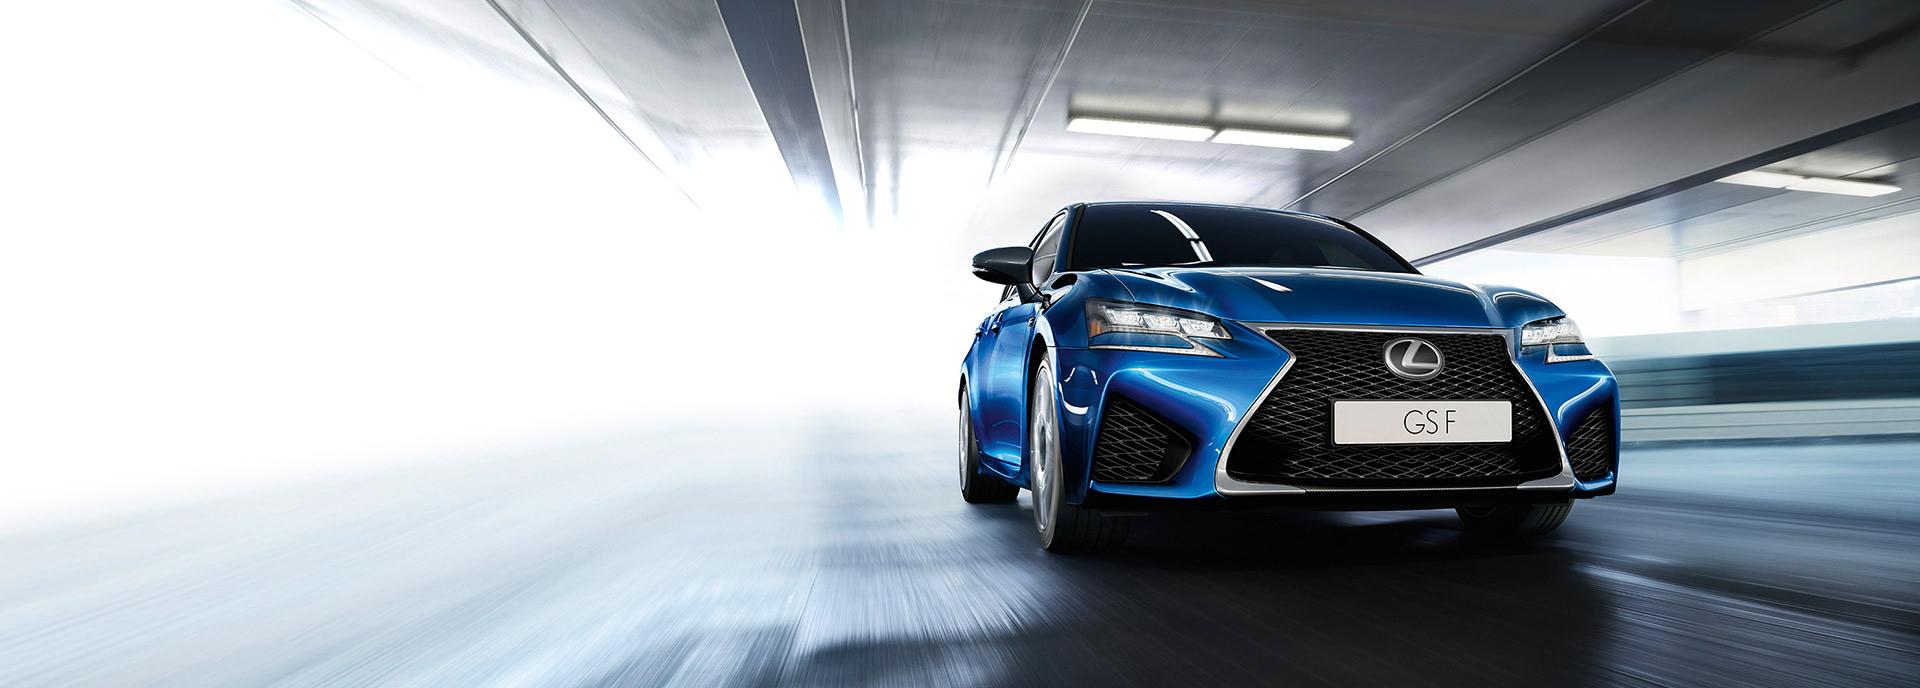 Vista frontale della nuova berlina sportiva GS F colore blu transita sotto un cavalcavia urbano